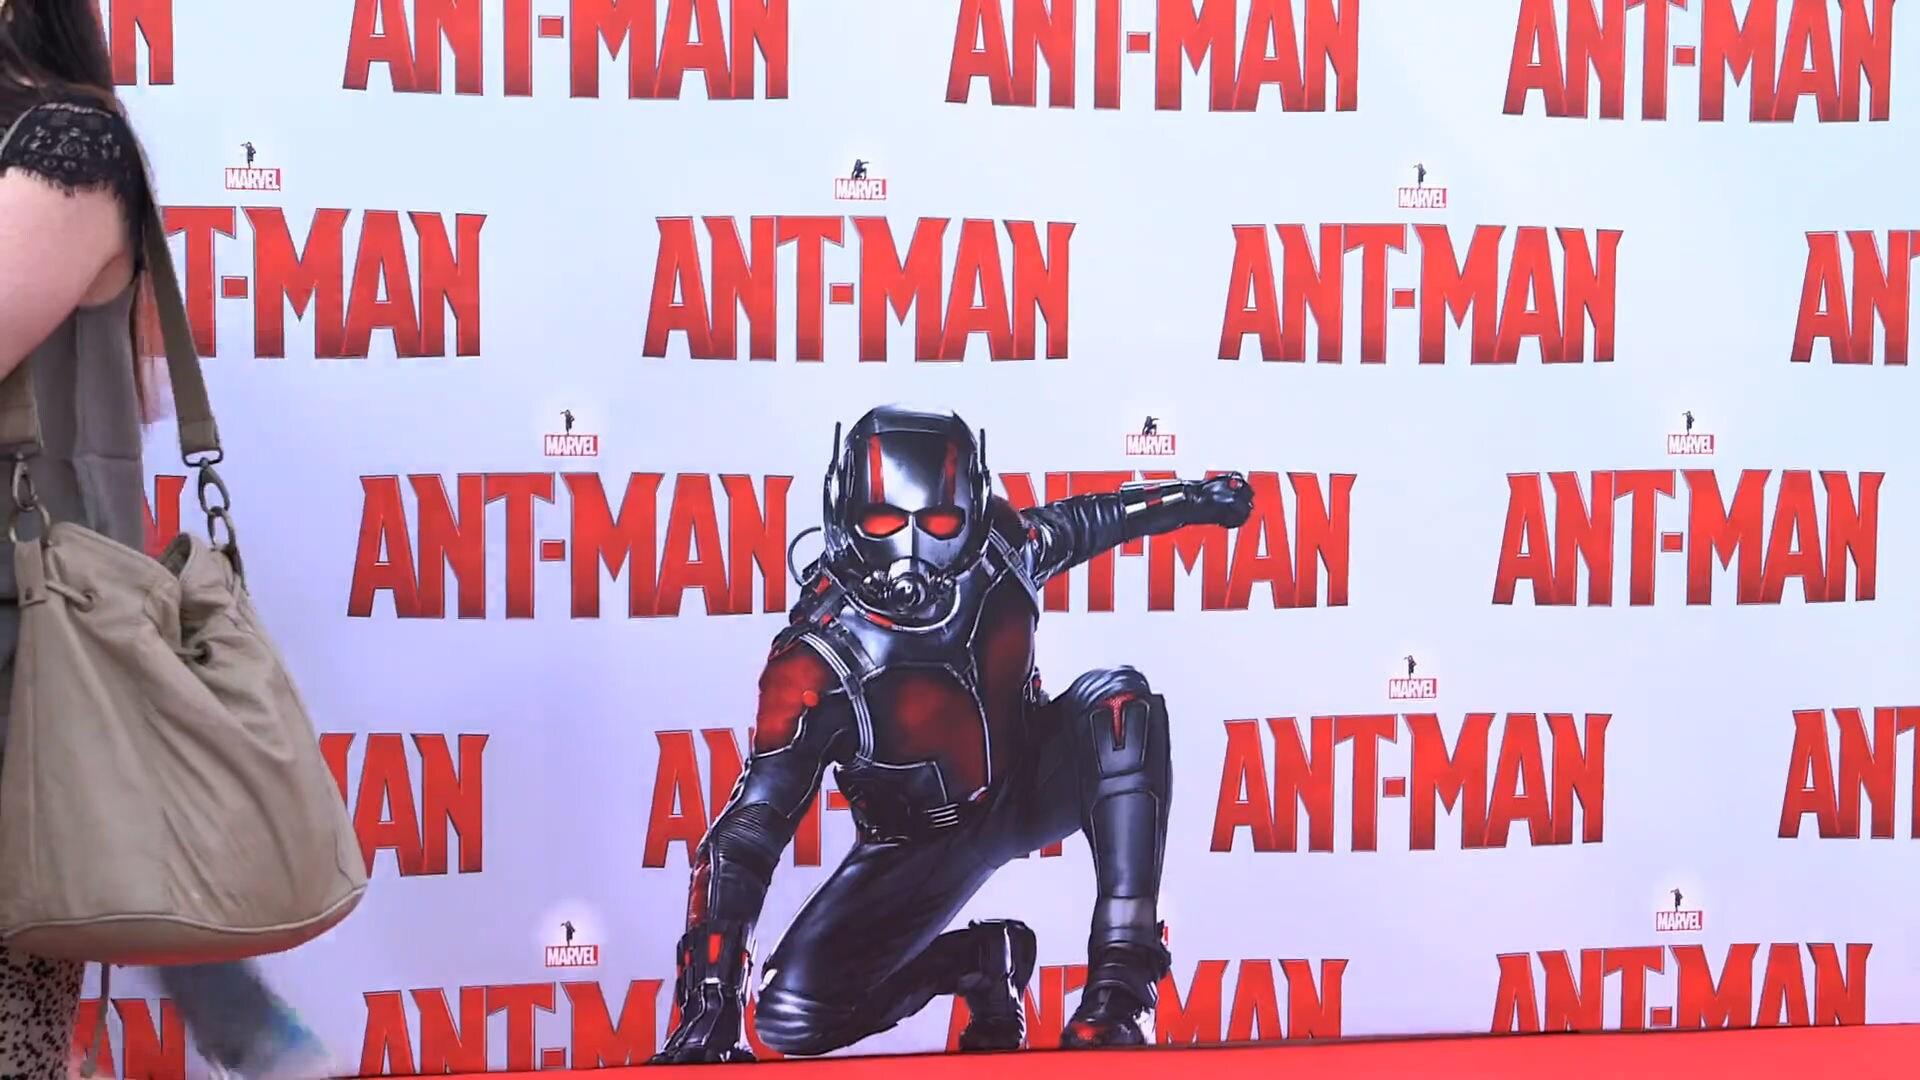 Ant-Man - Avant-Première À Fourmies